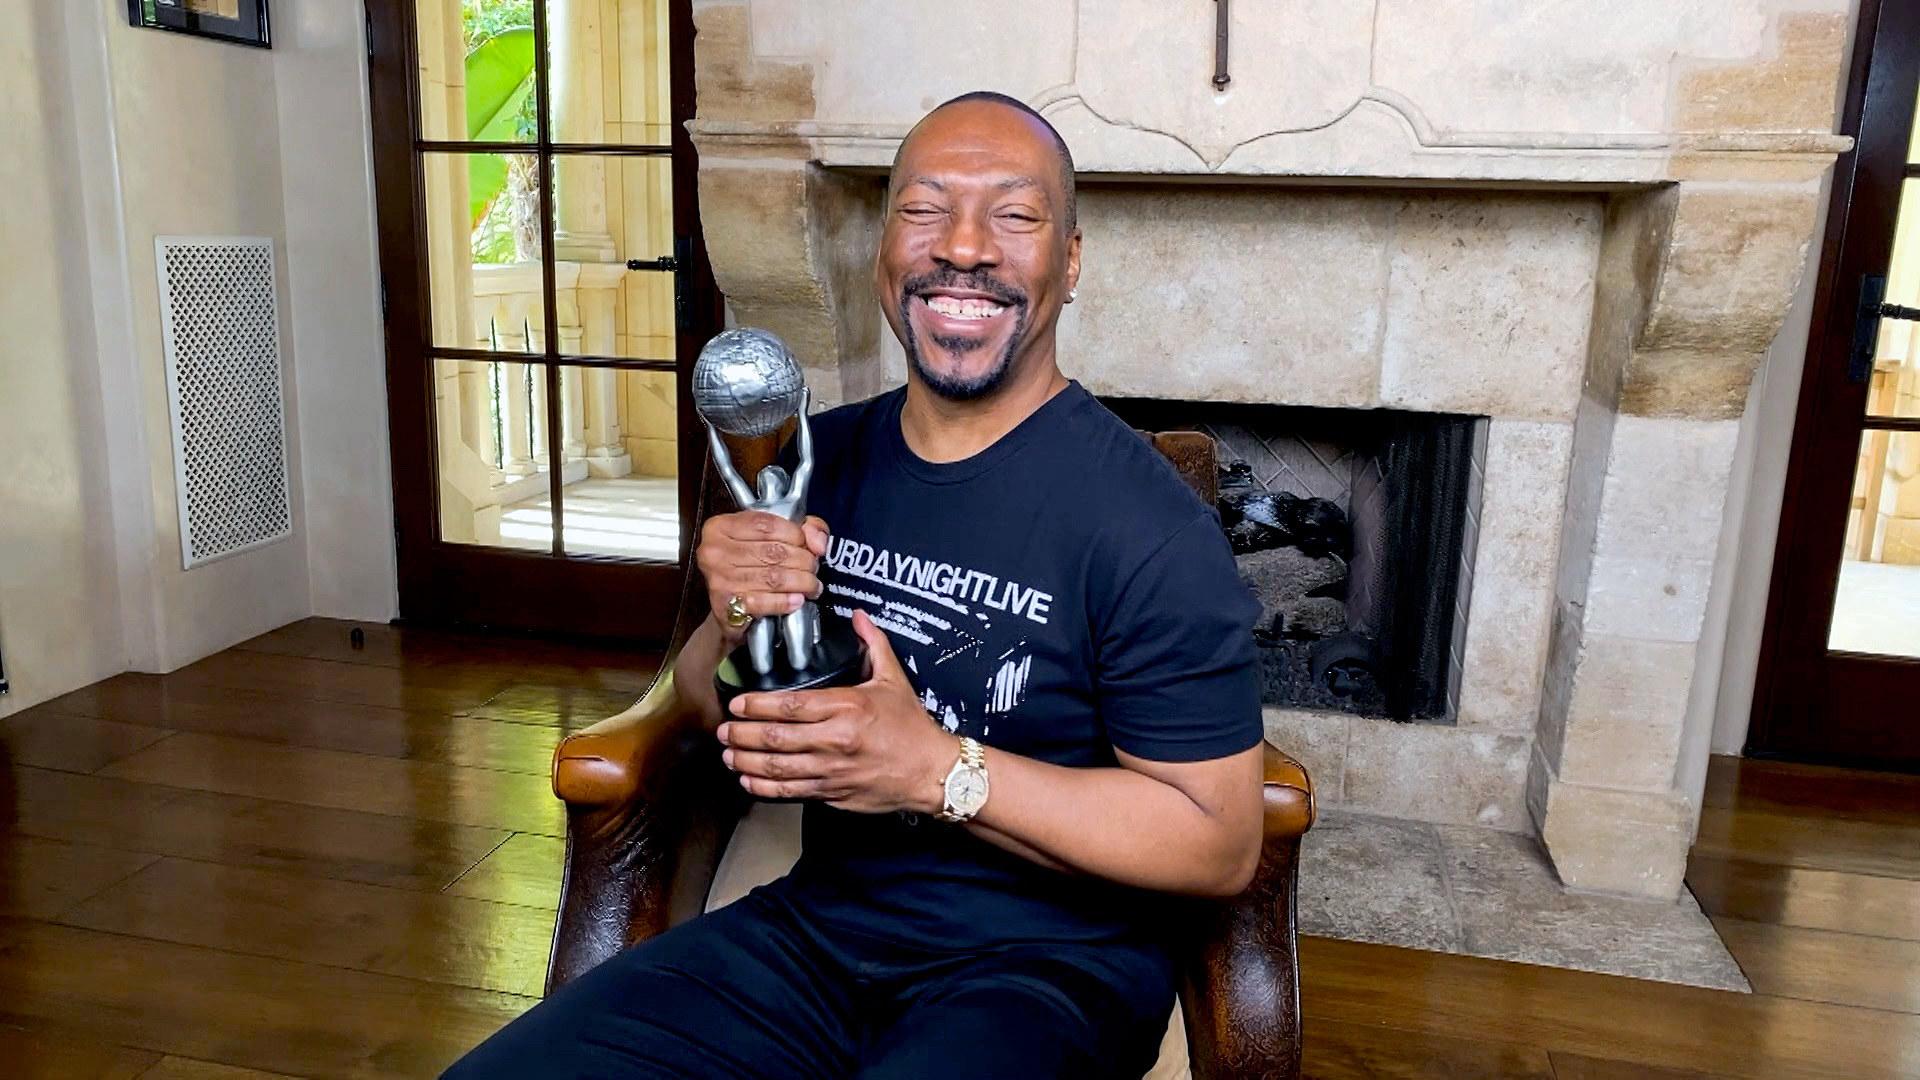 Winning am NAACP award